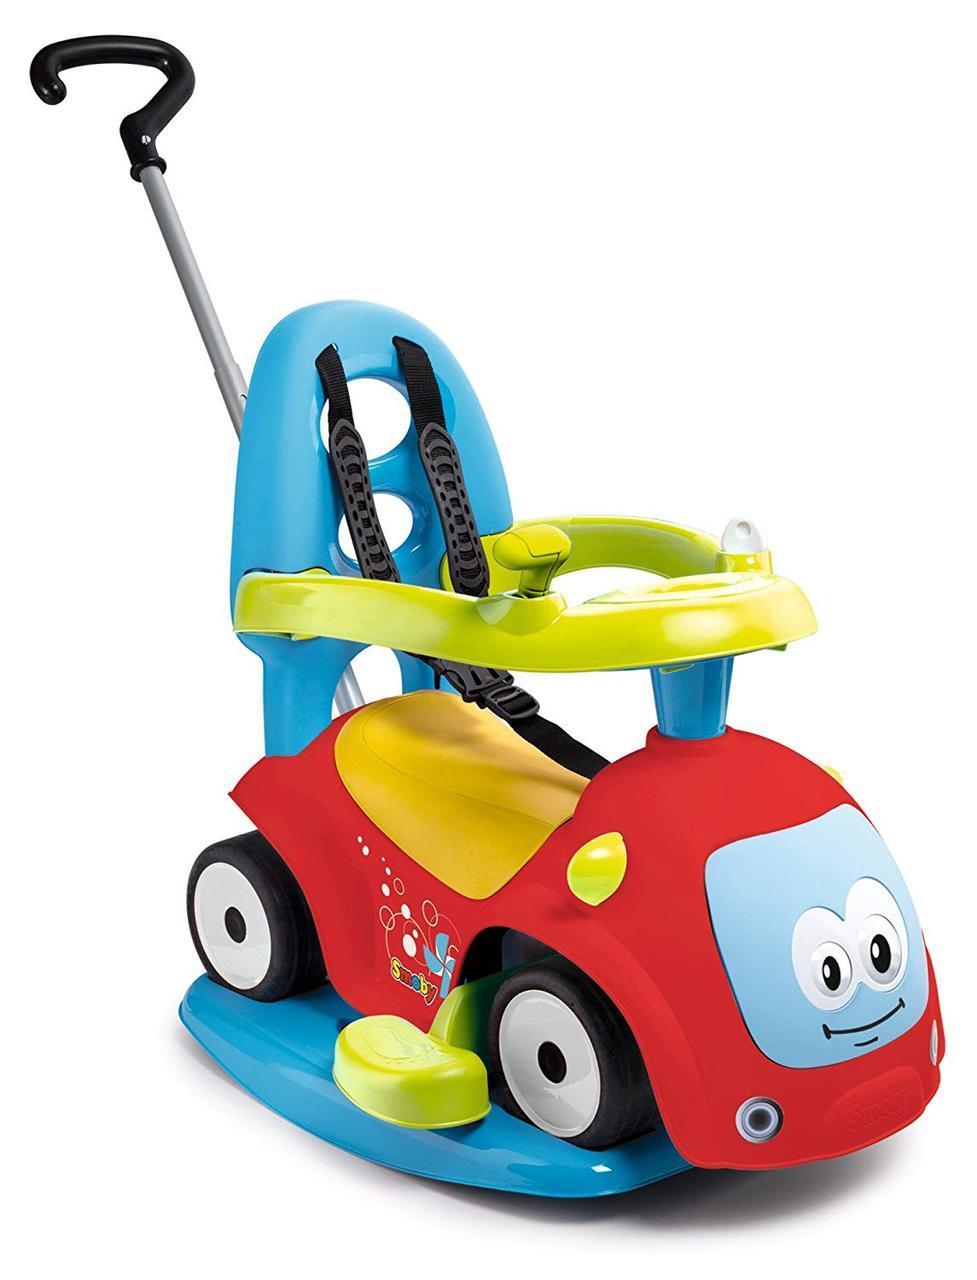 """Детская машина каталка толокар """"Маестро"""" с качелей 4 в 1 Maestro Smoby 720302 для детей"""